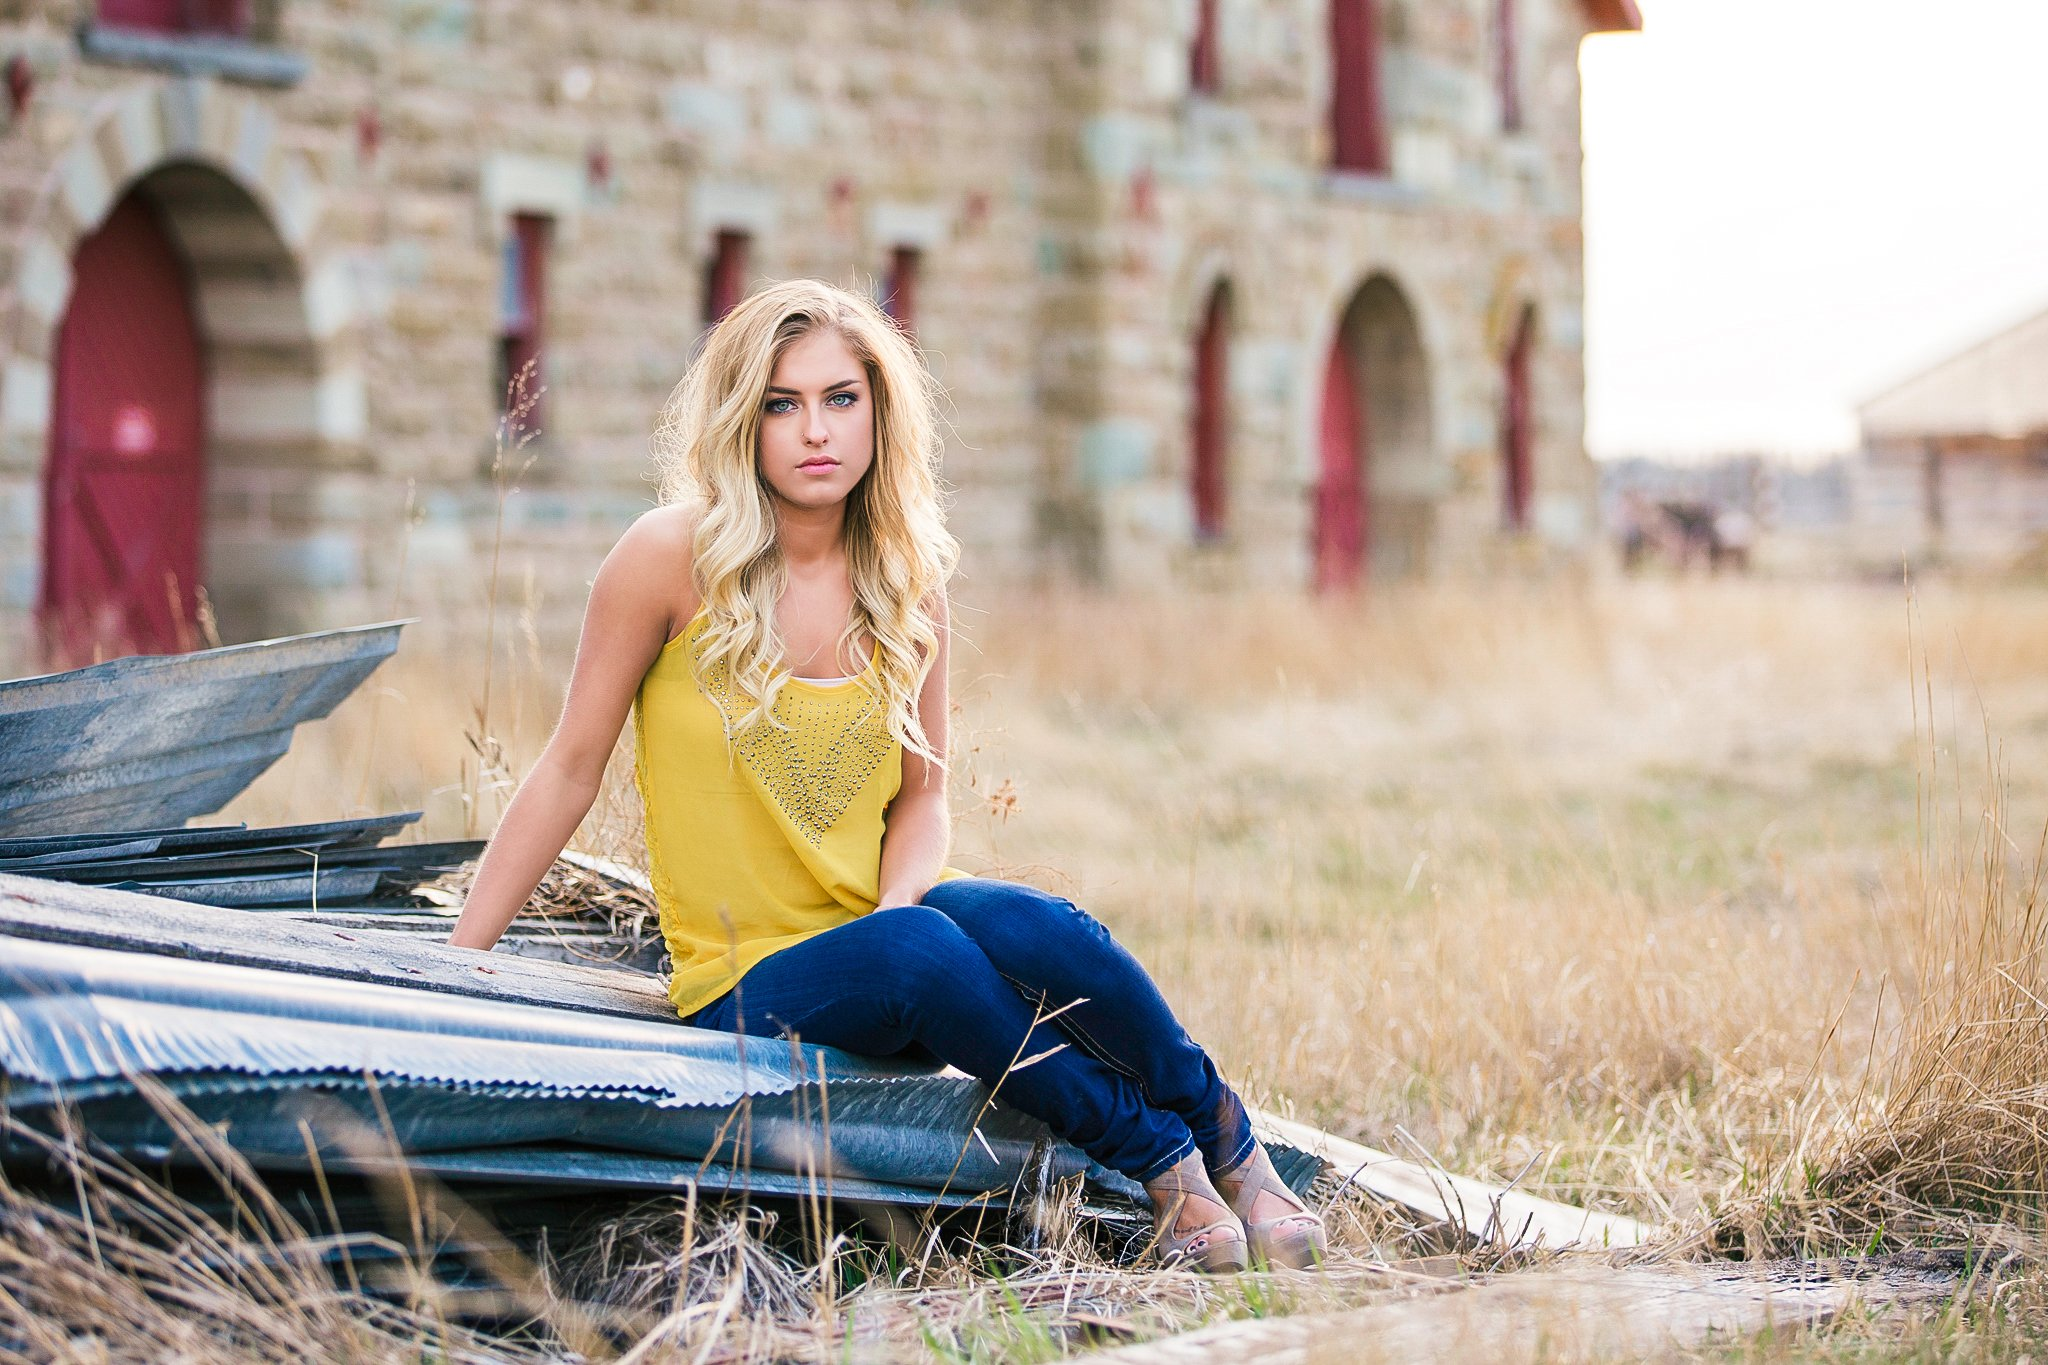 Pretty Presets Mixer Fave 5 Preset agregado a la foto de una mujer rubia con camisa amarilla y jeans